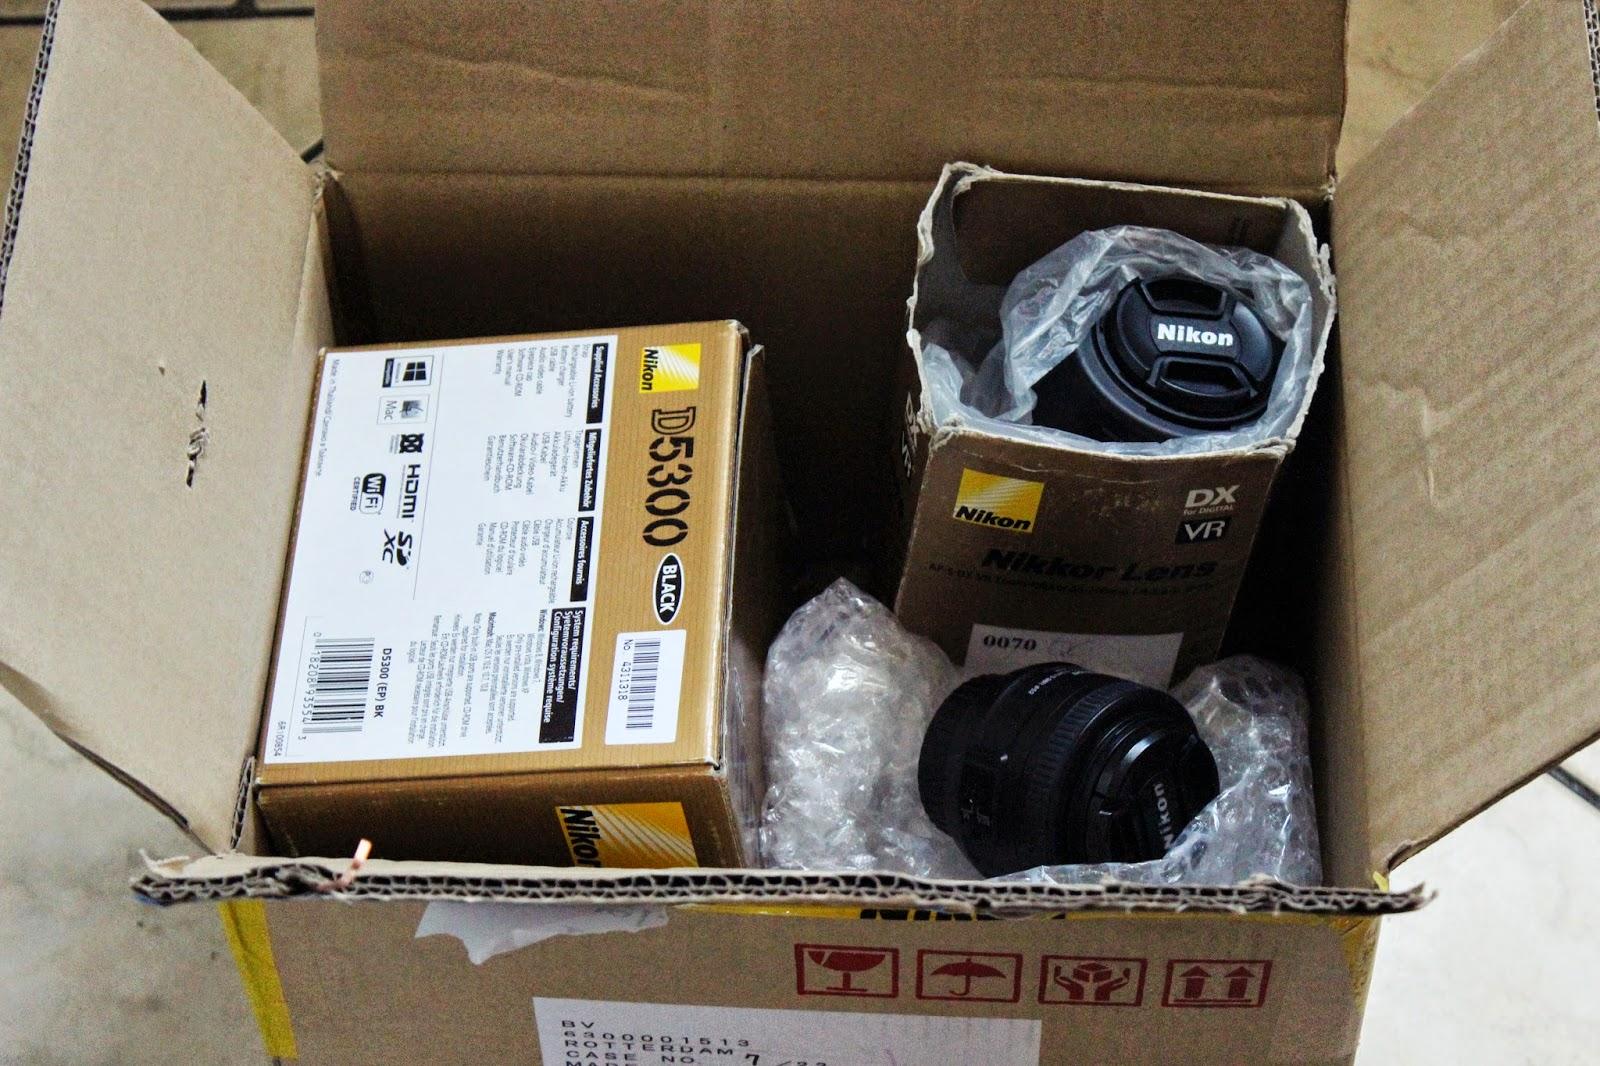 JESTEM szczęściarzem - Jestem nowy Nikon D5300